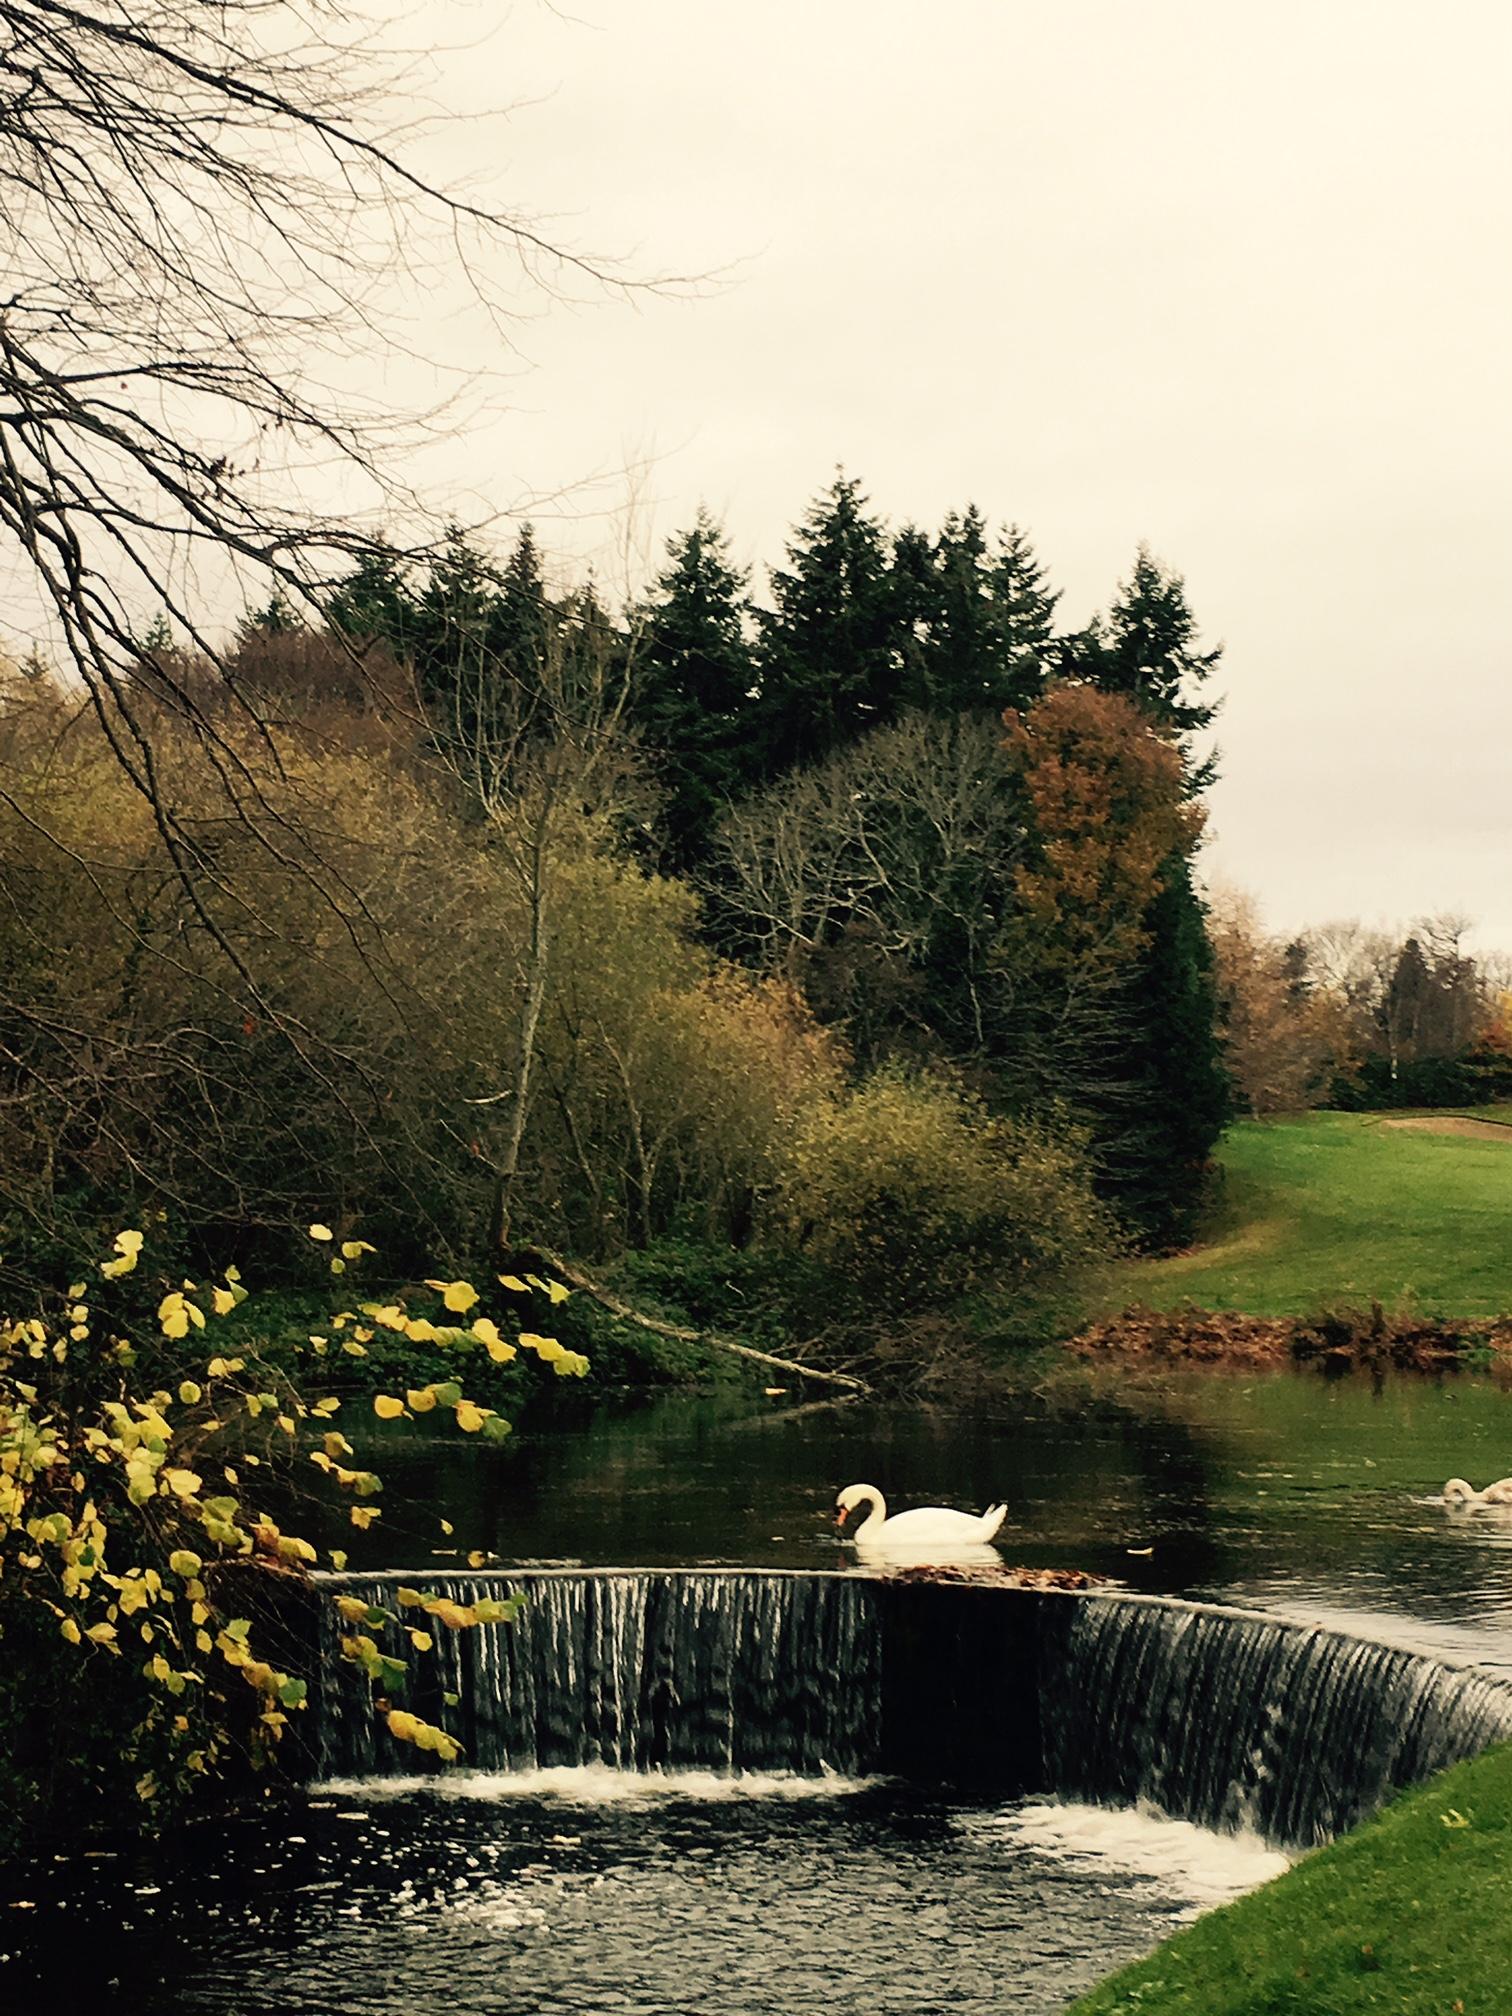 druids-glen-swan-elainesrovesntroves